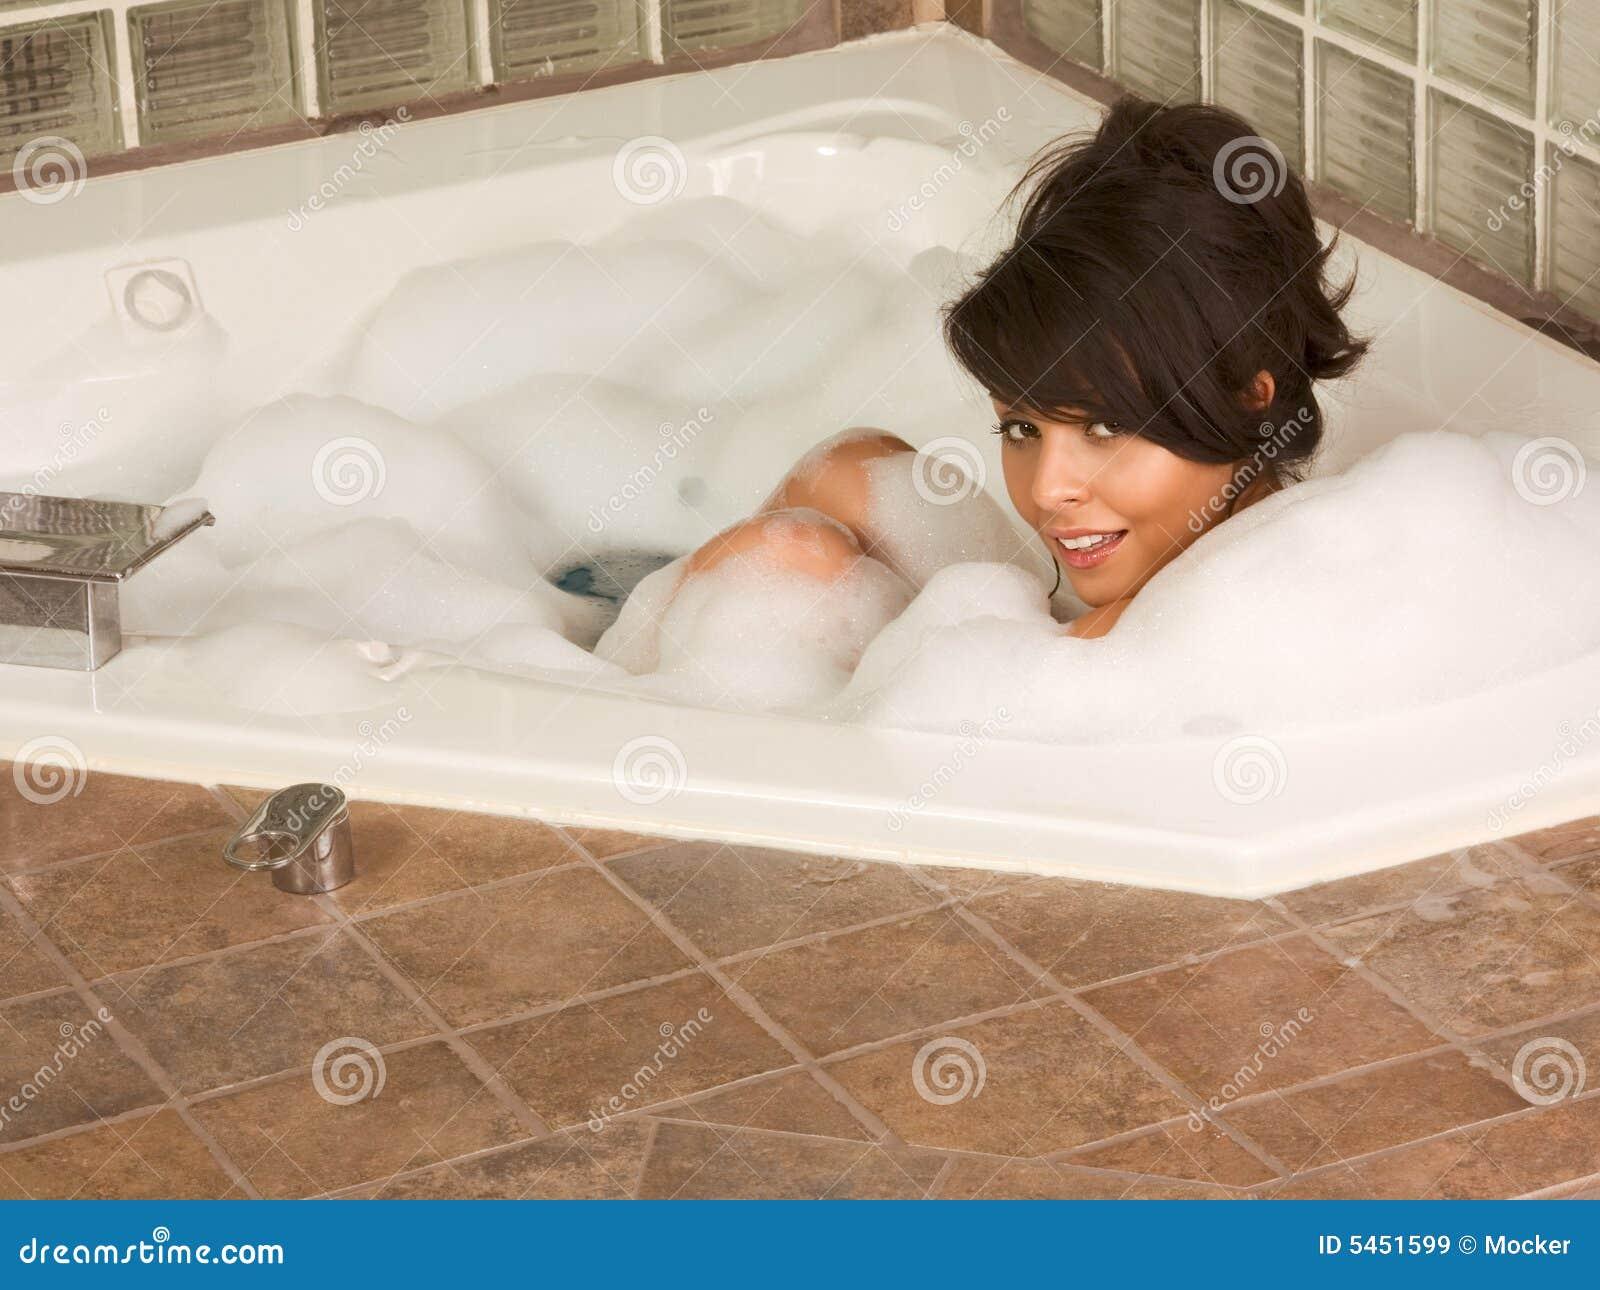 Ragazza che si distende nel bagno della gomma piuma - Nel bagno della scuola ...